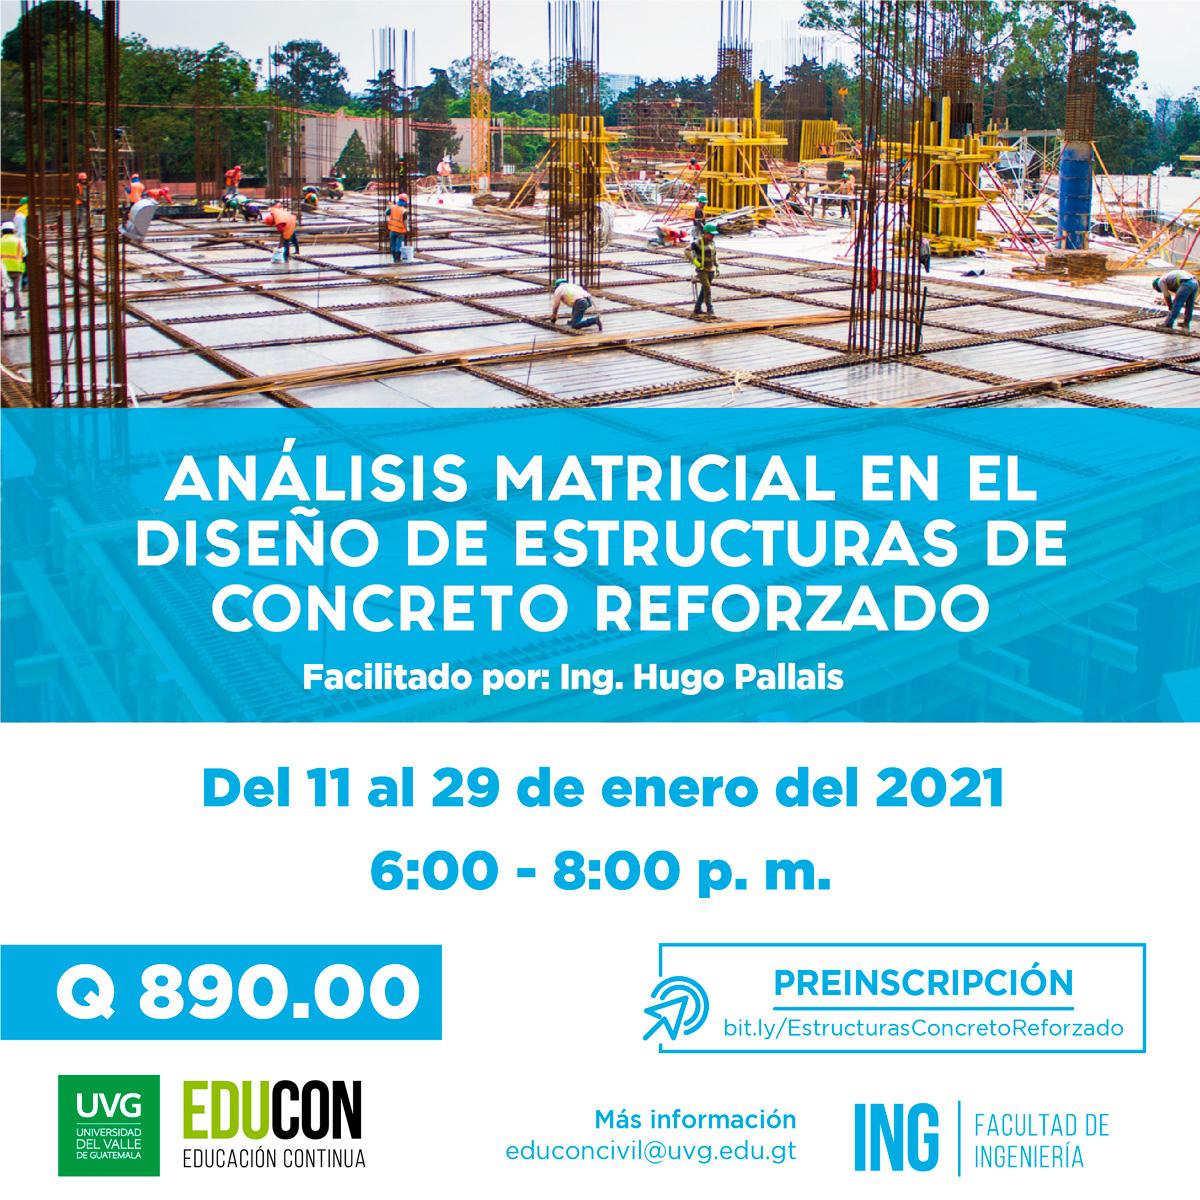 Análisis Matricial en el Diseño de Estructuras de Concreto Reforzado